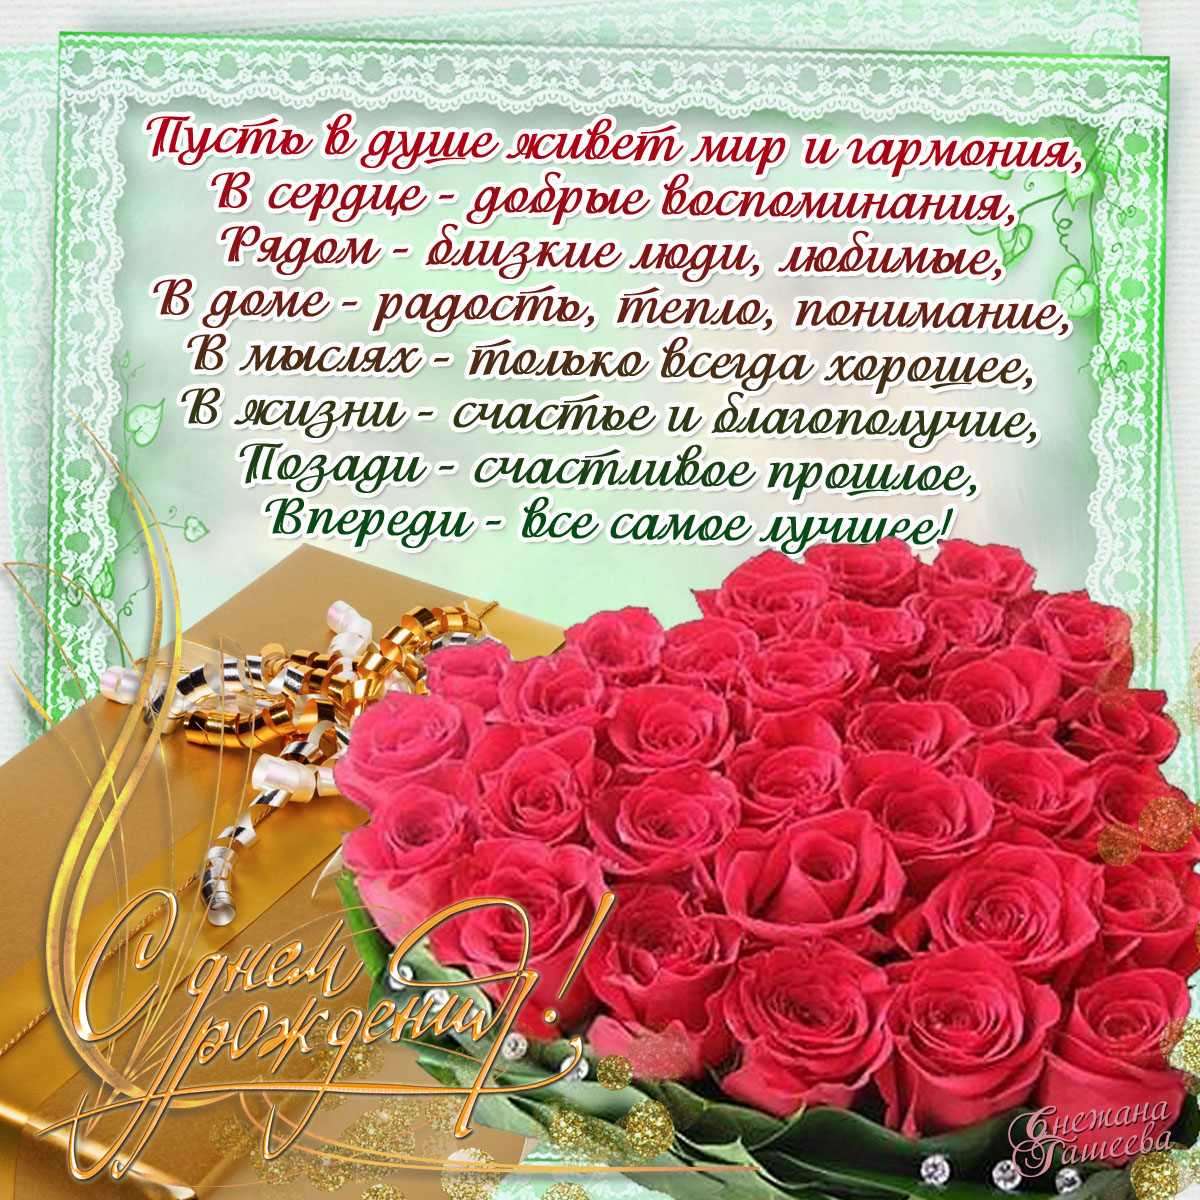 Поздравления с юбилеем 45 лет в прозе - Поздравок 178